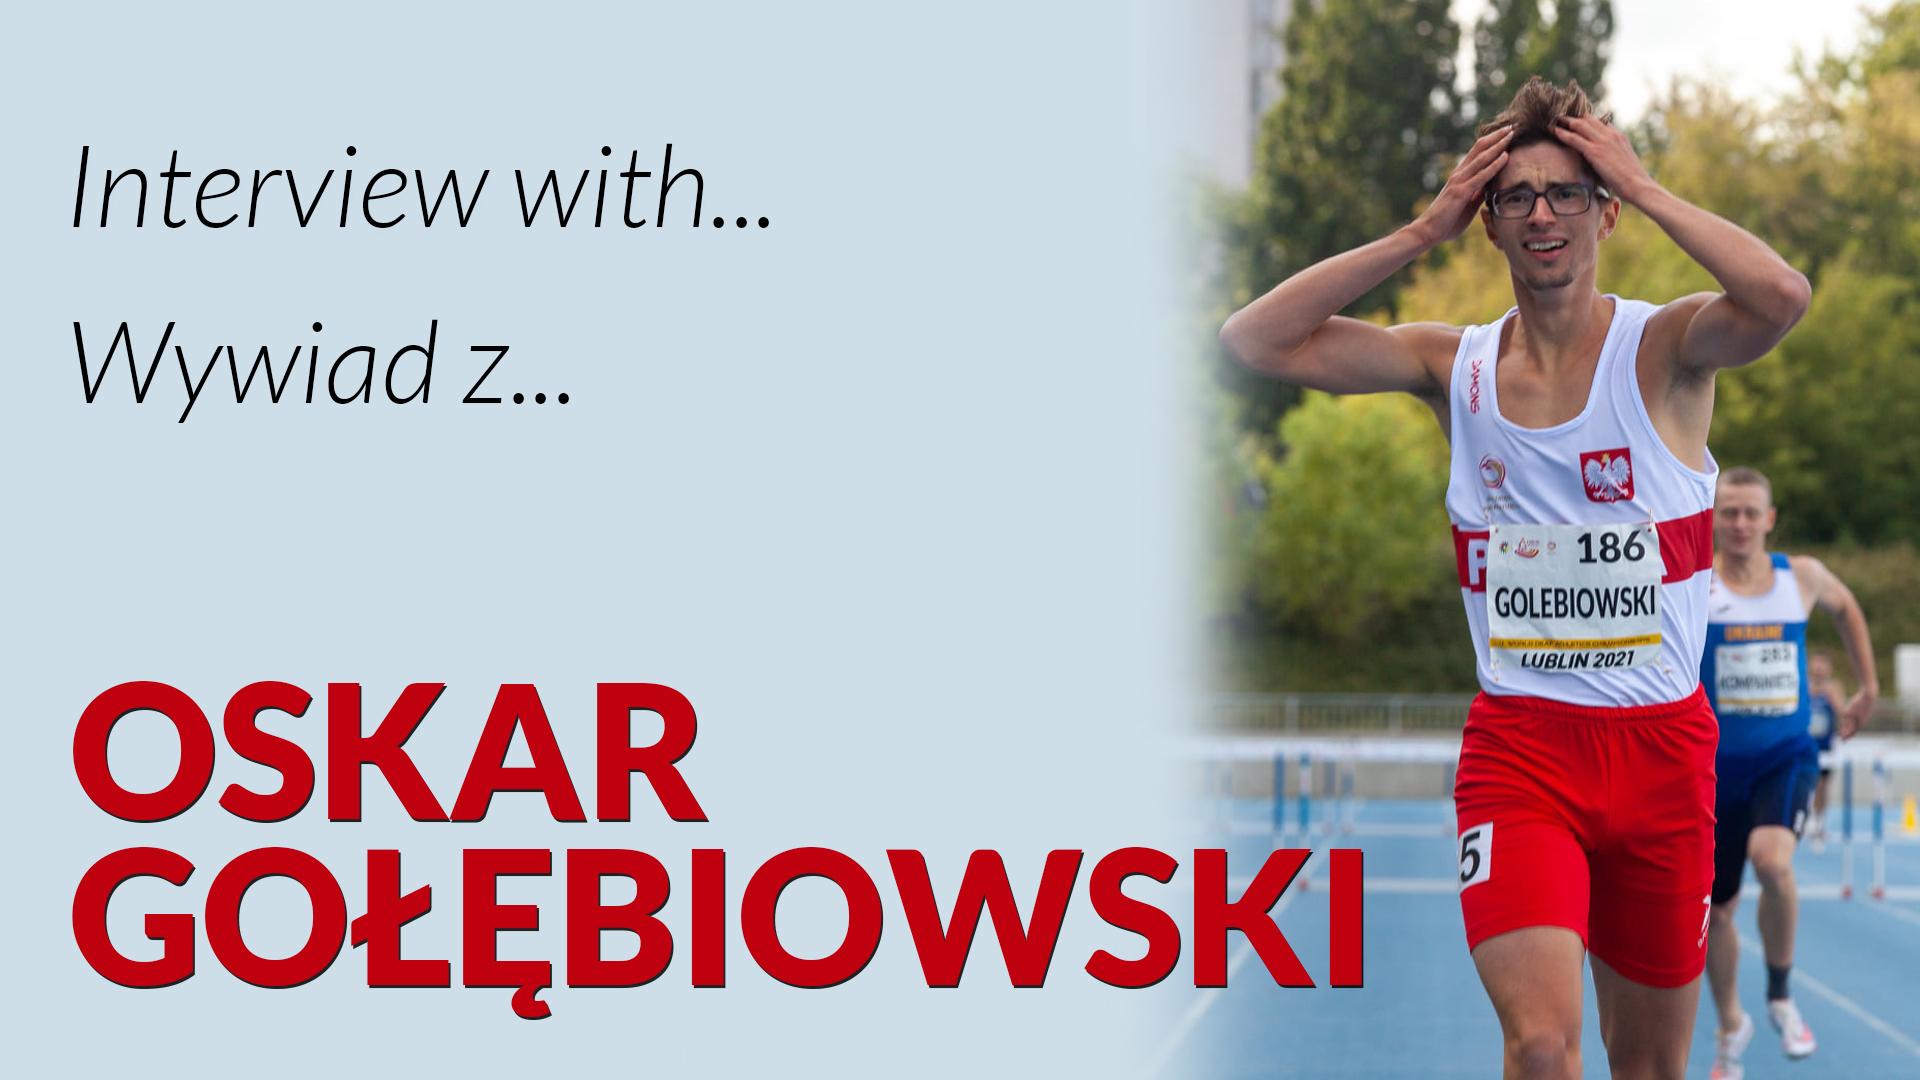 grafia z Oskarem Gołębiowskim, medalistą Mistrzostw Świata Głuchych w lekkoatletyce